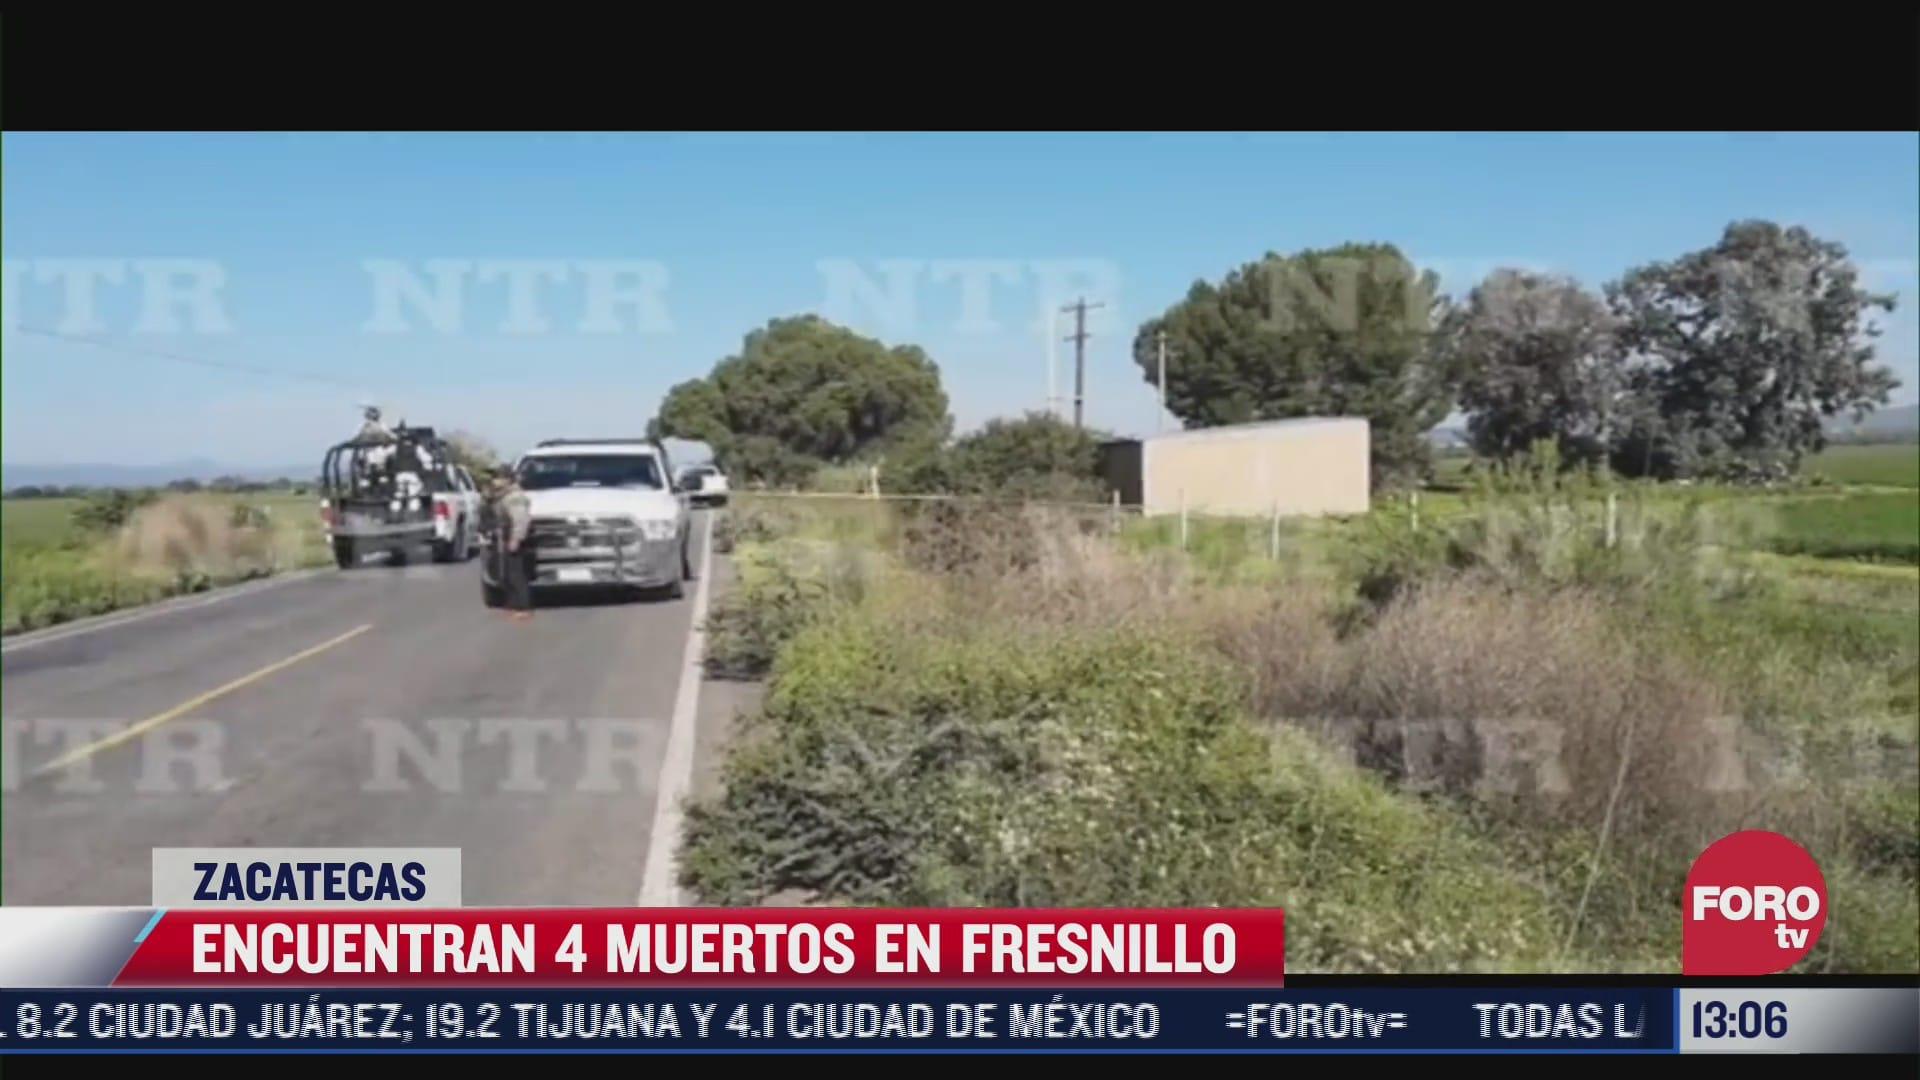 encuentran 4 muertos en fresnillo zacatecas